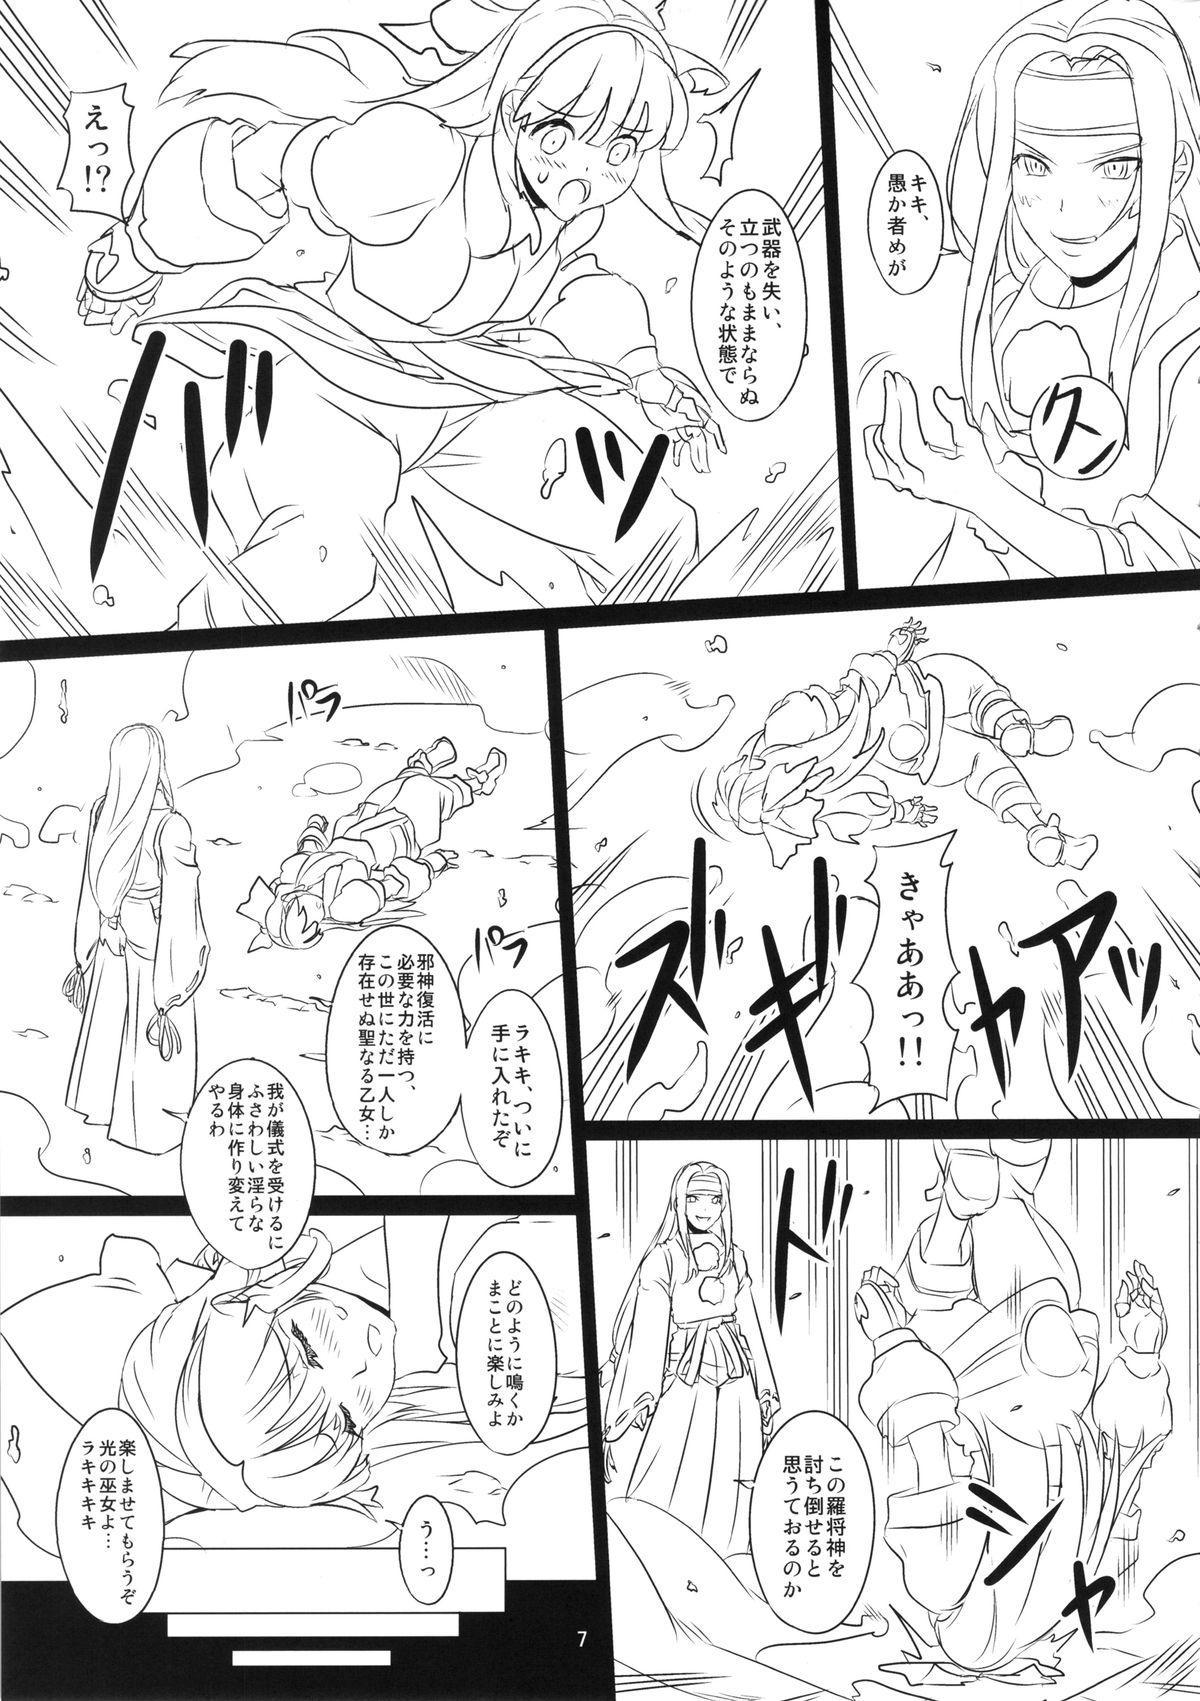 Kokuin no Miko 5